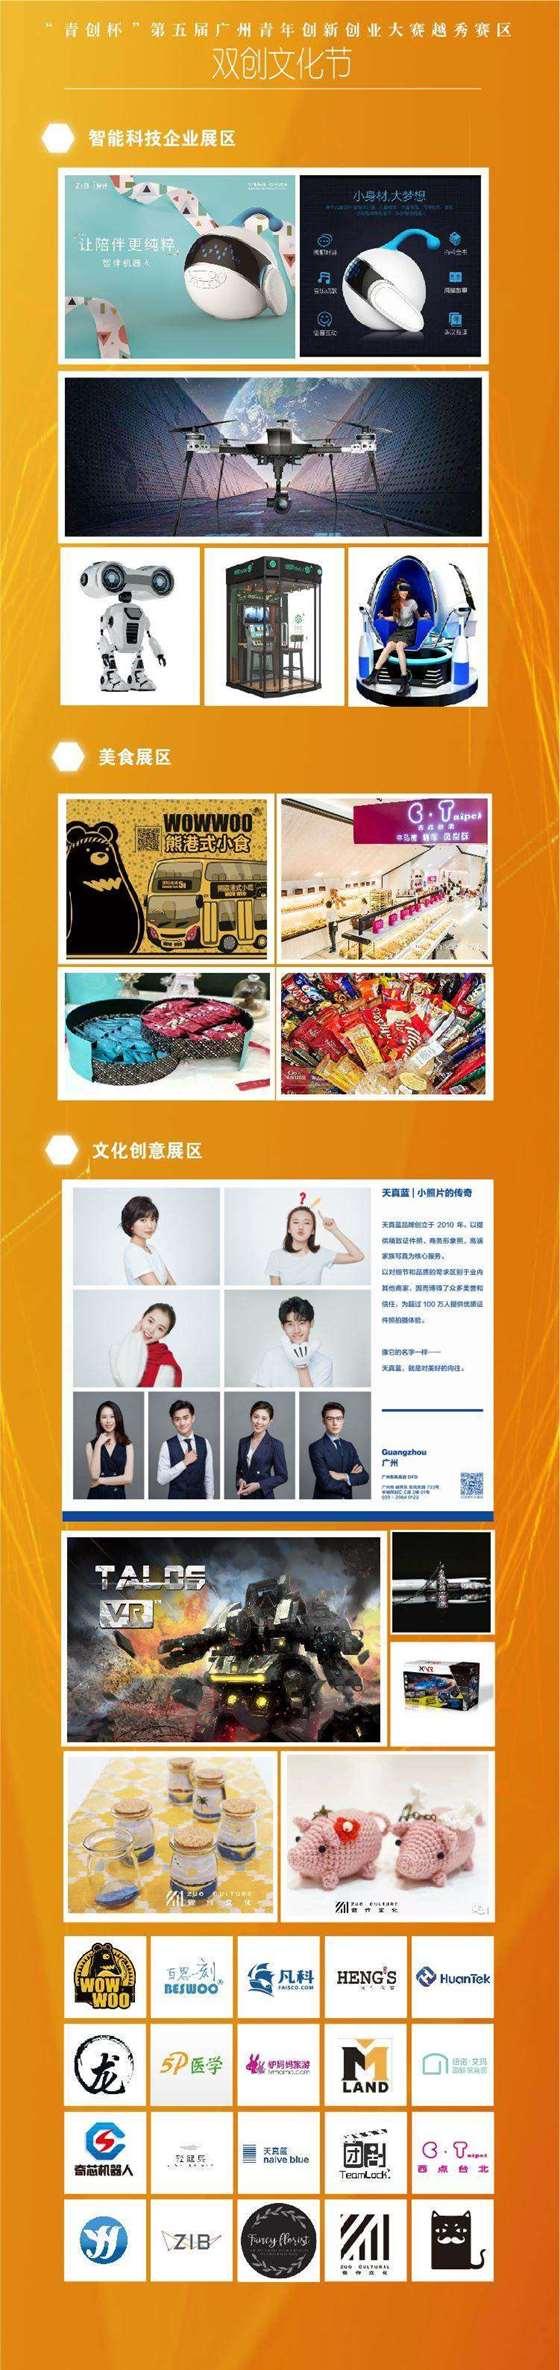 宣传长图-04.jpg